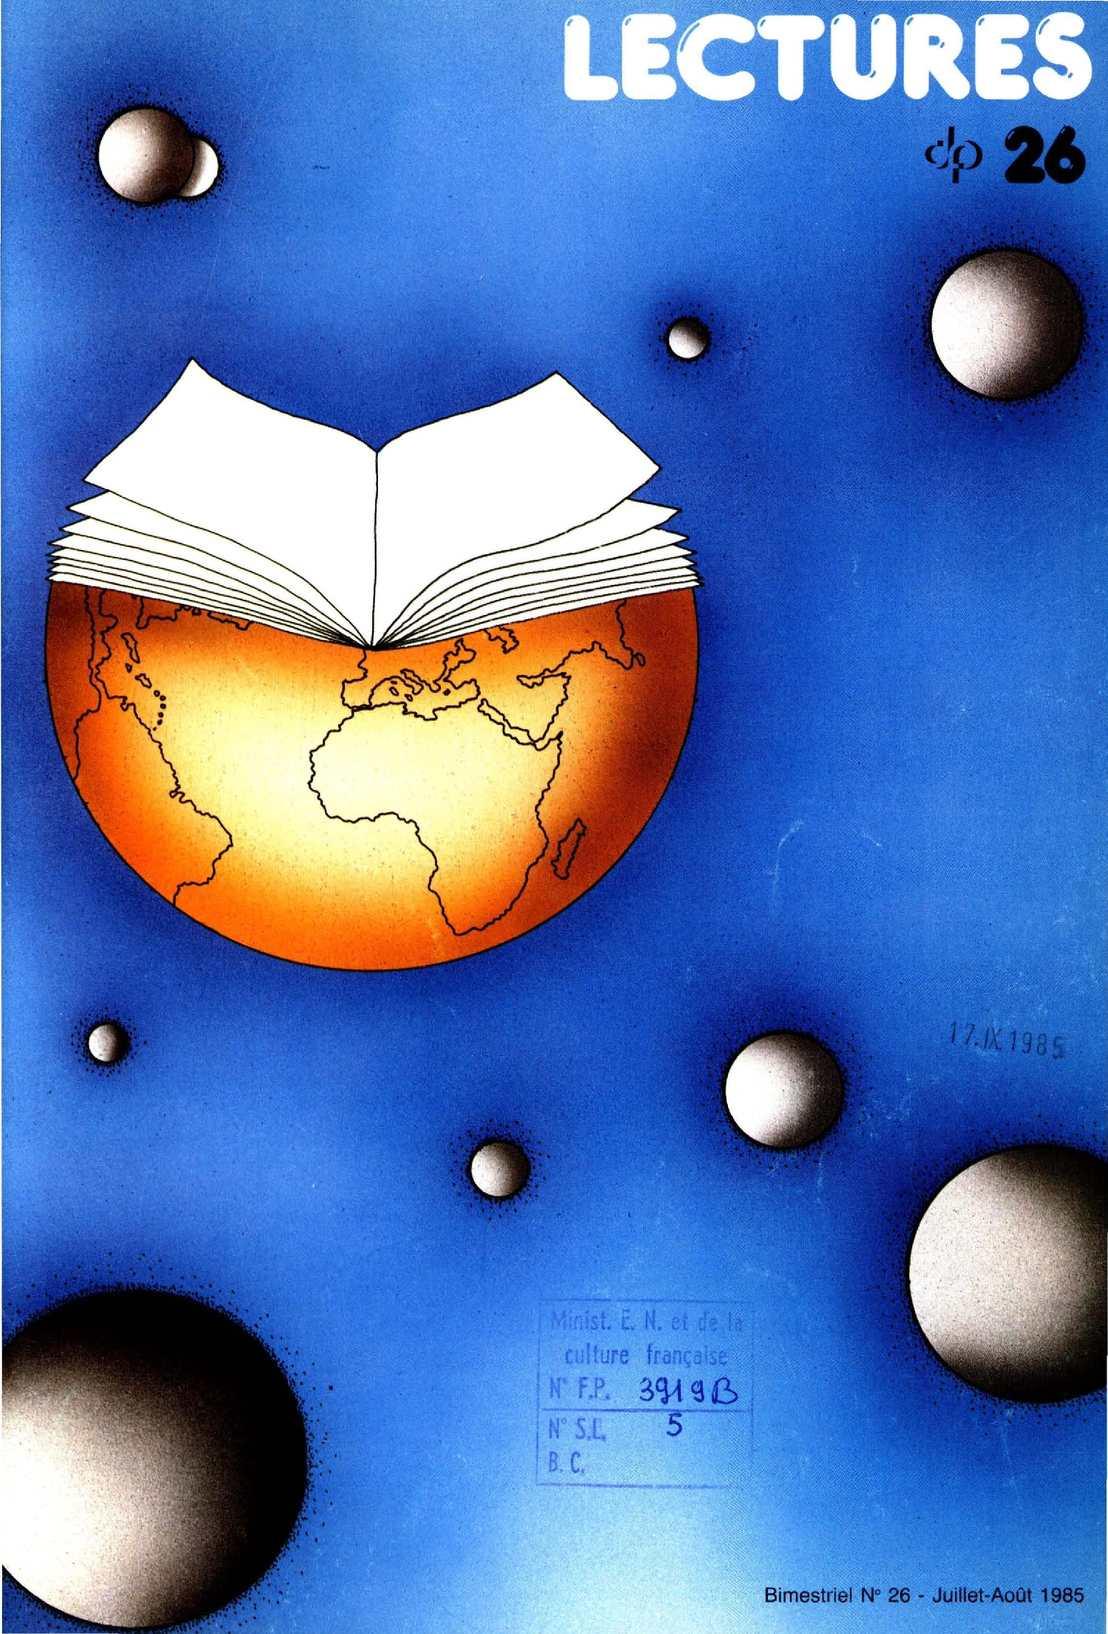 Calaméo - Lectures, 26, juillet - août 1985 af6e2d1a0b8b